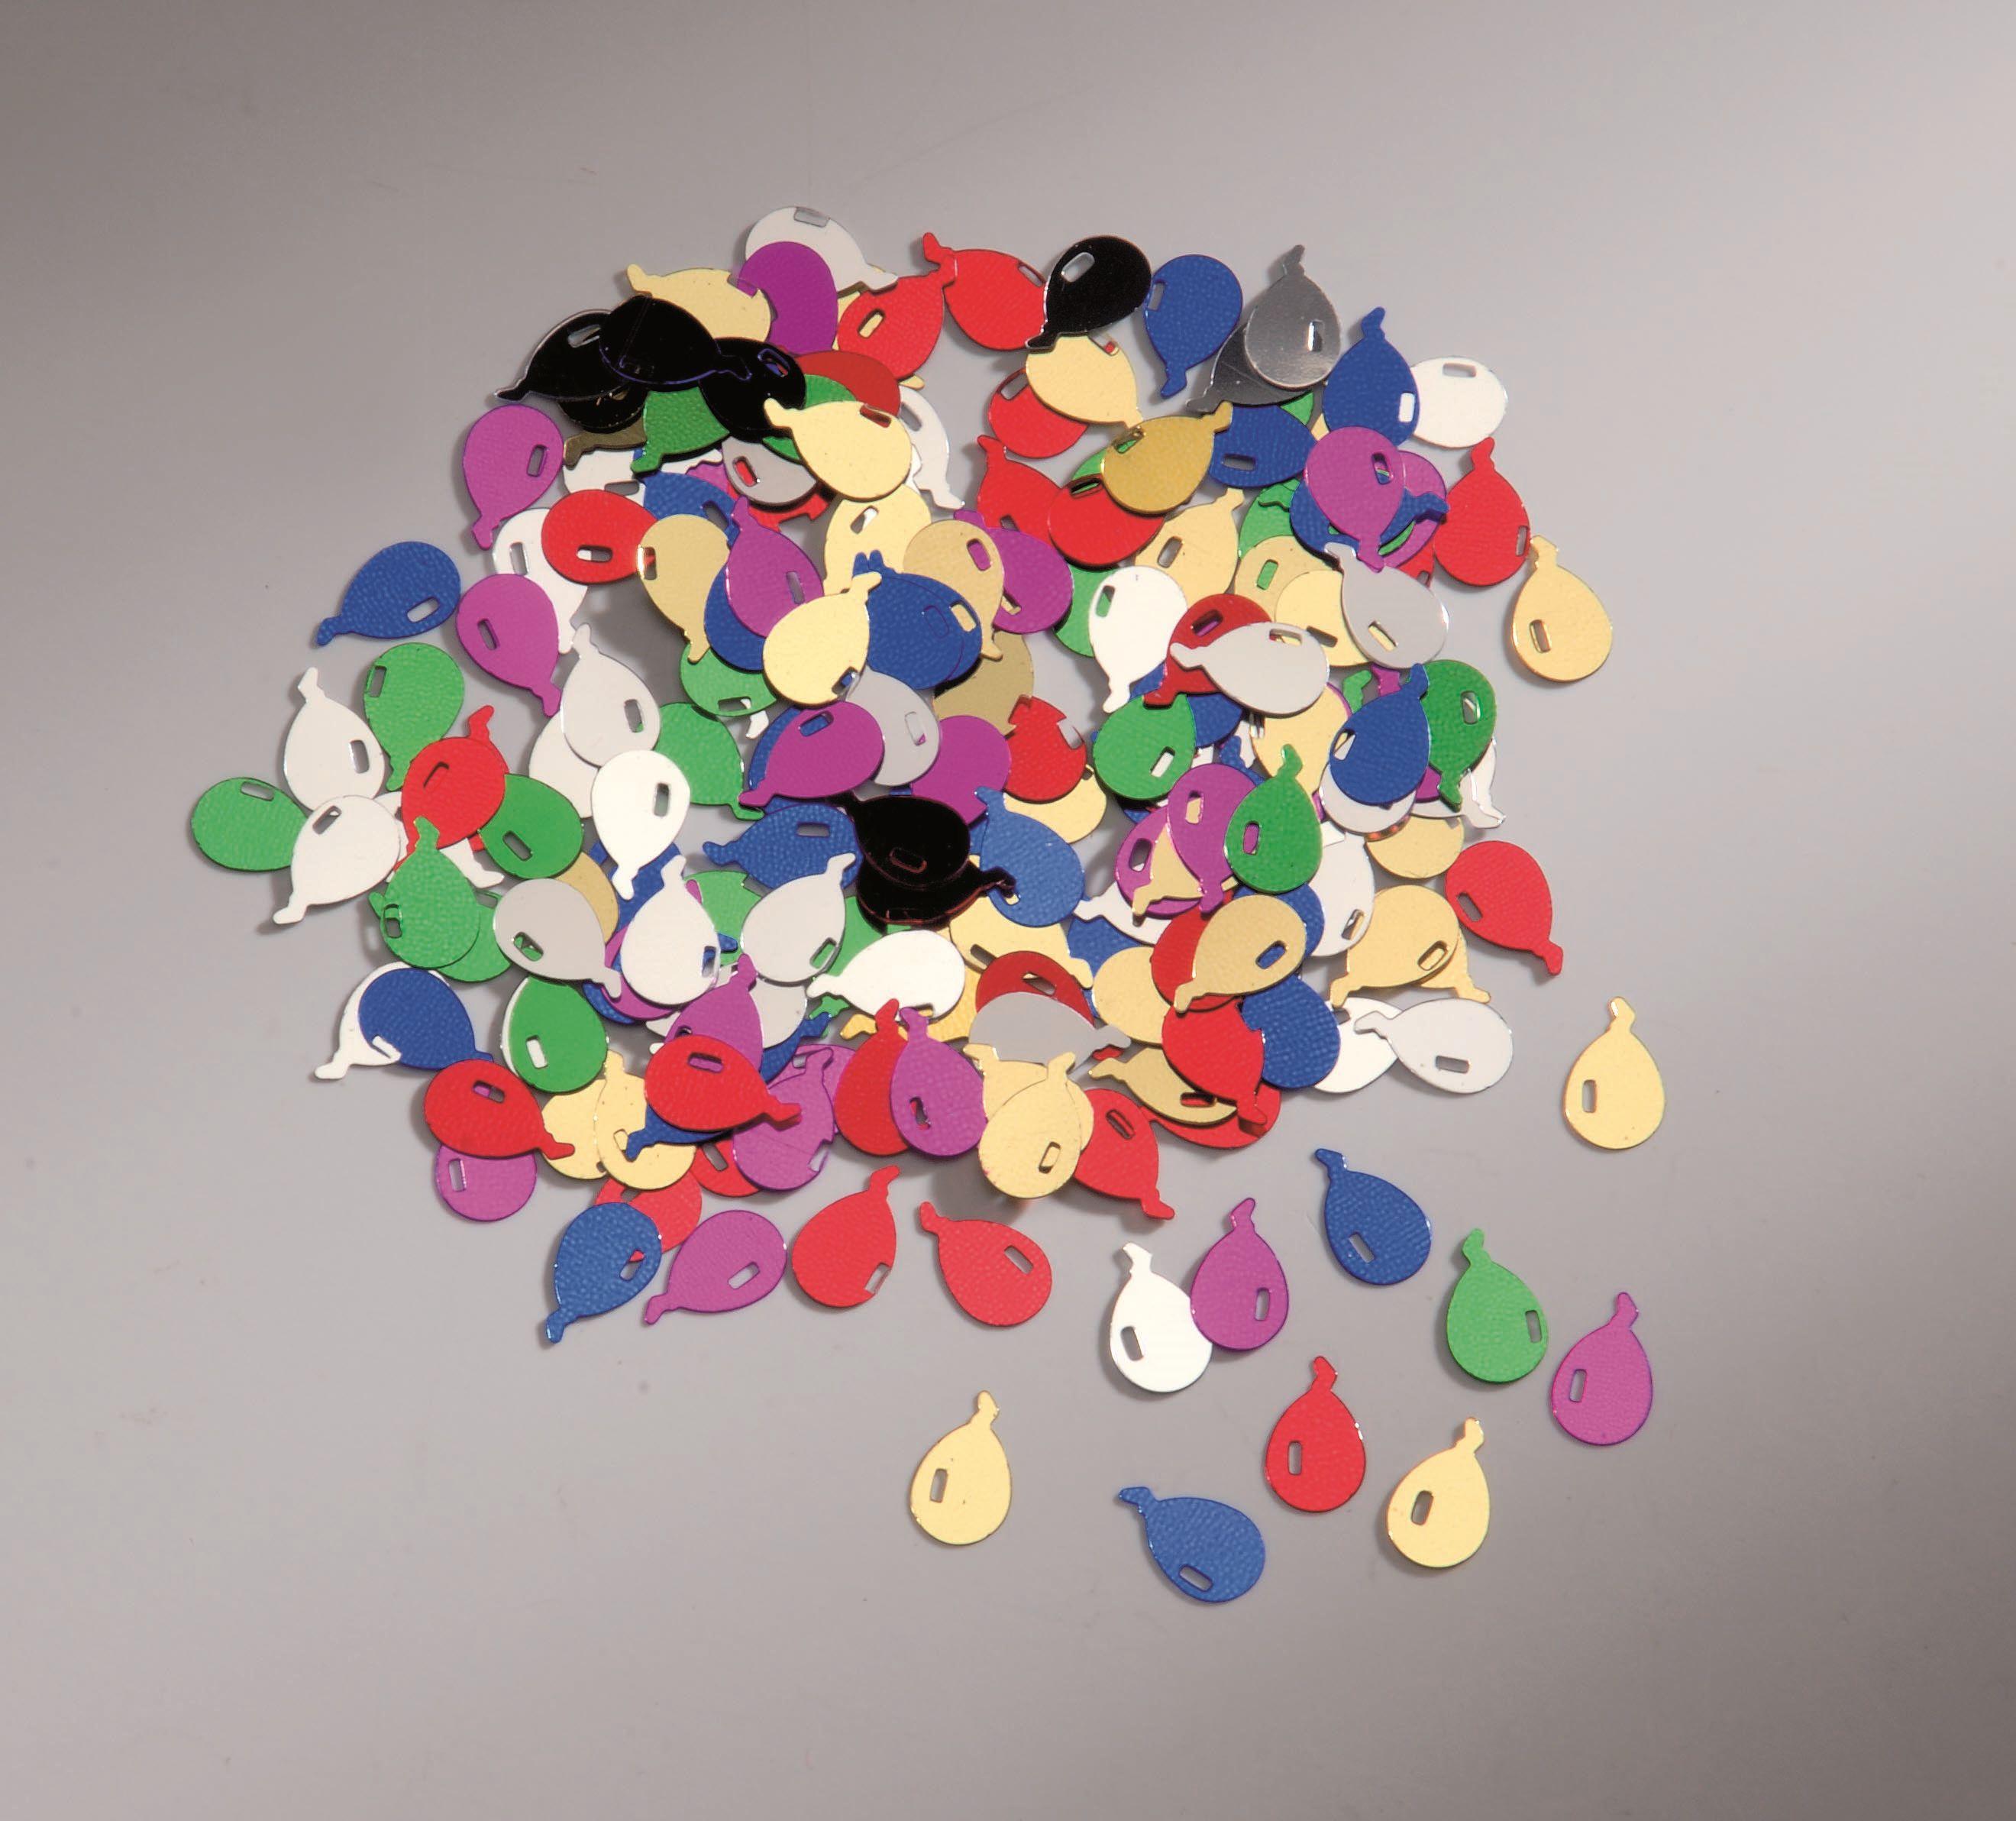 66300100 Пайетки 'Воздушные шары', разноцветный, 12 мм, упак./20 гр., Glorex